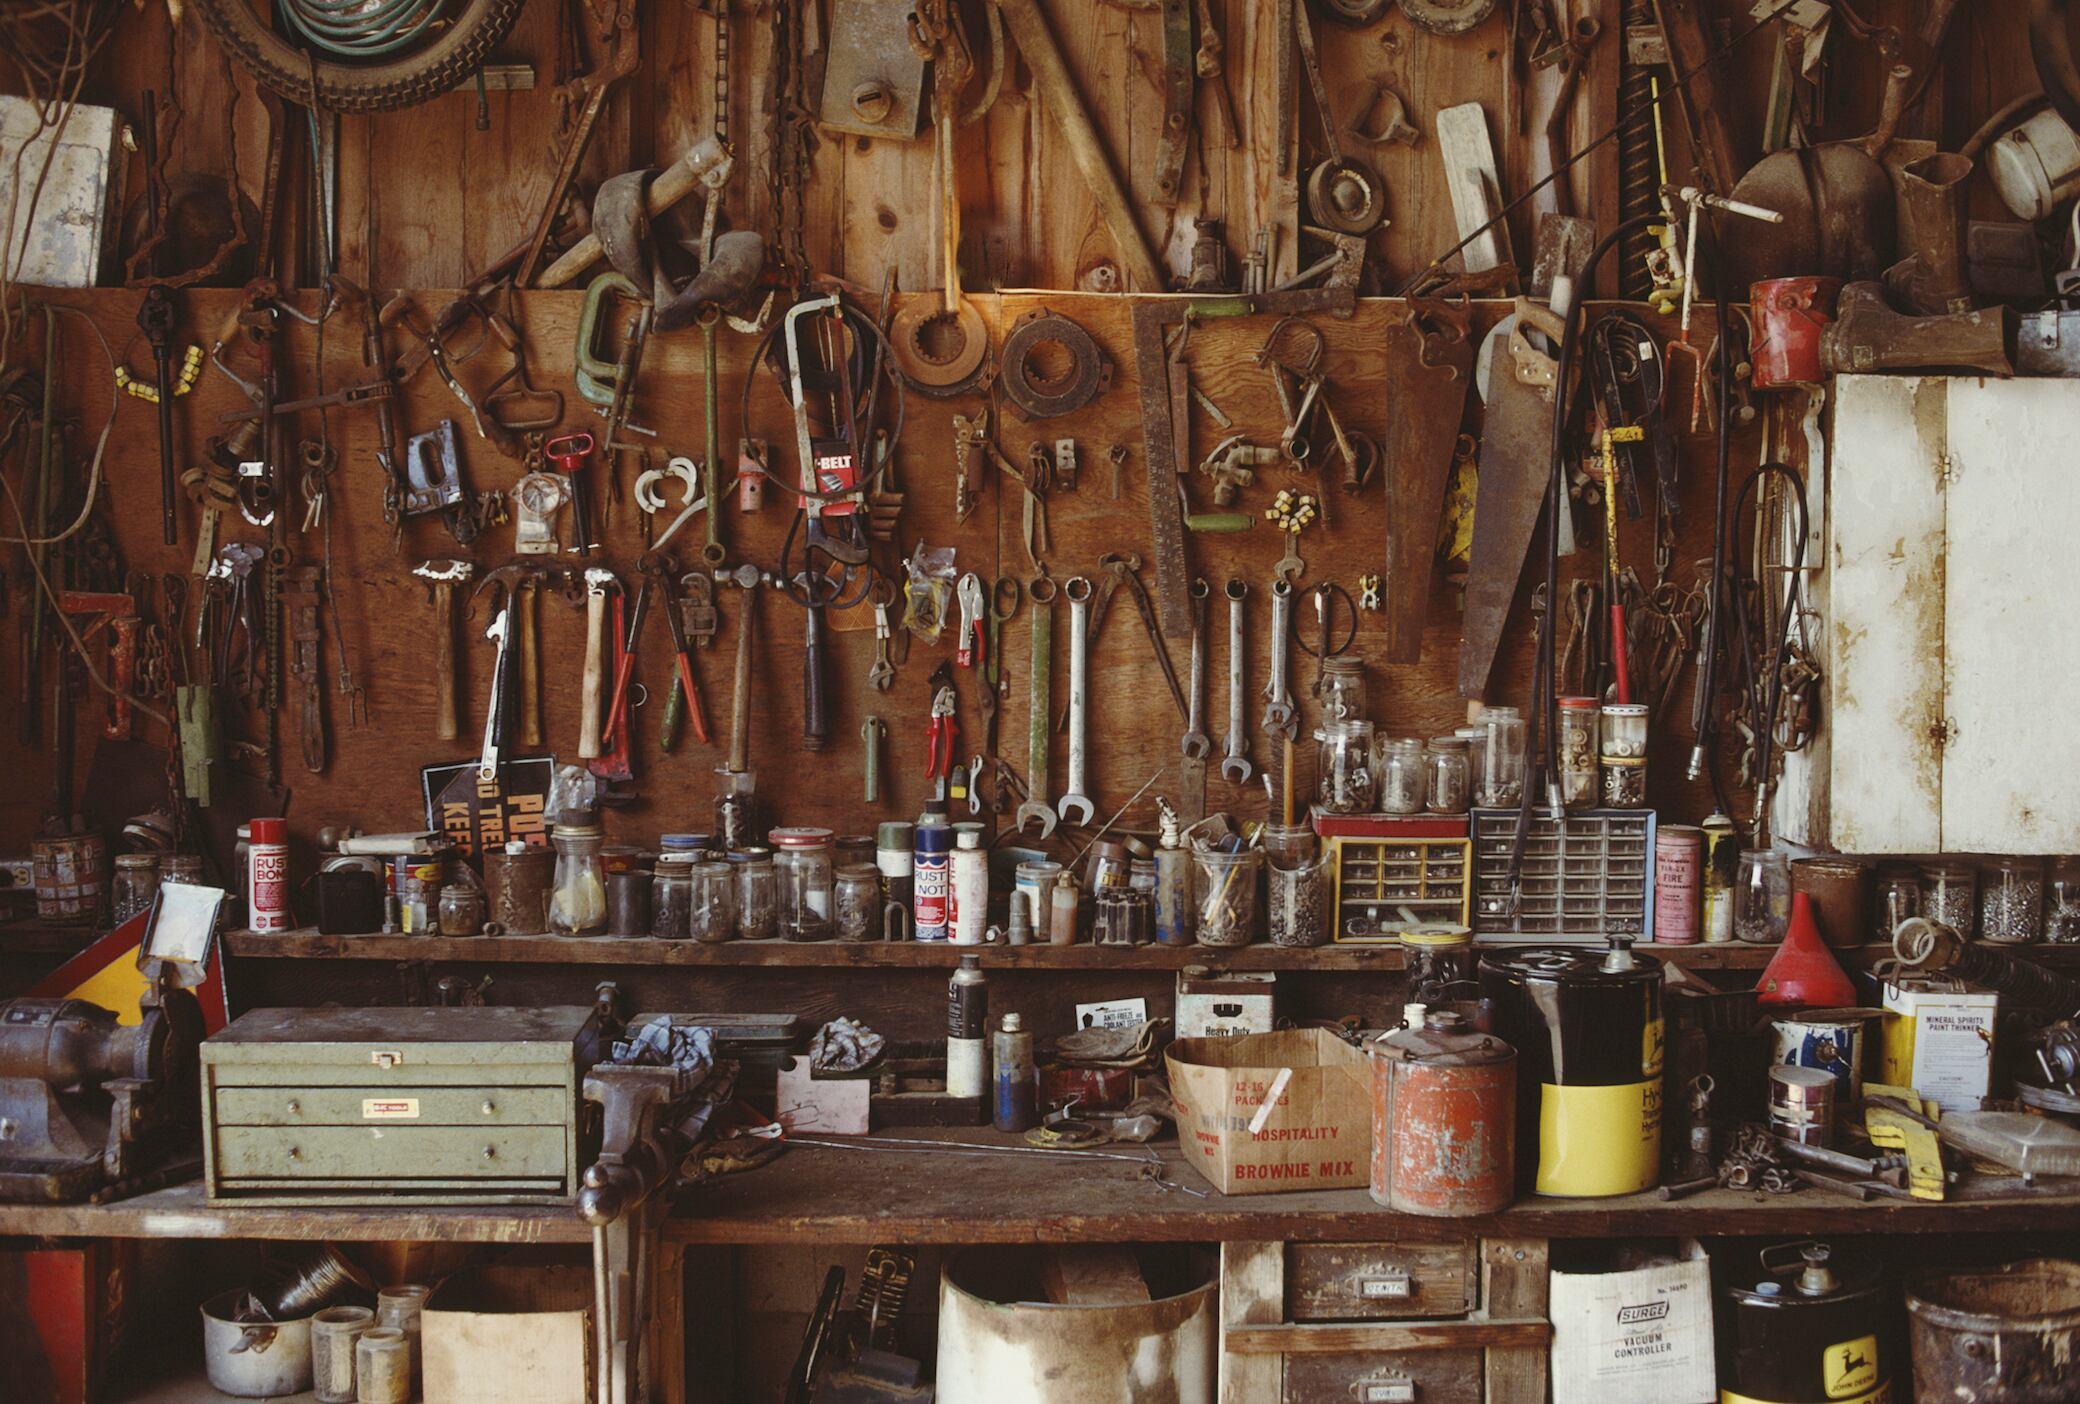 Welche 11 Werkzeuge verbergen sich hinter diesen Namen?